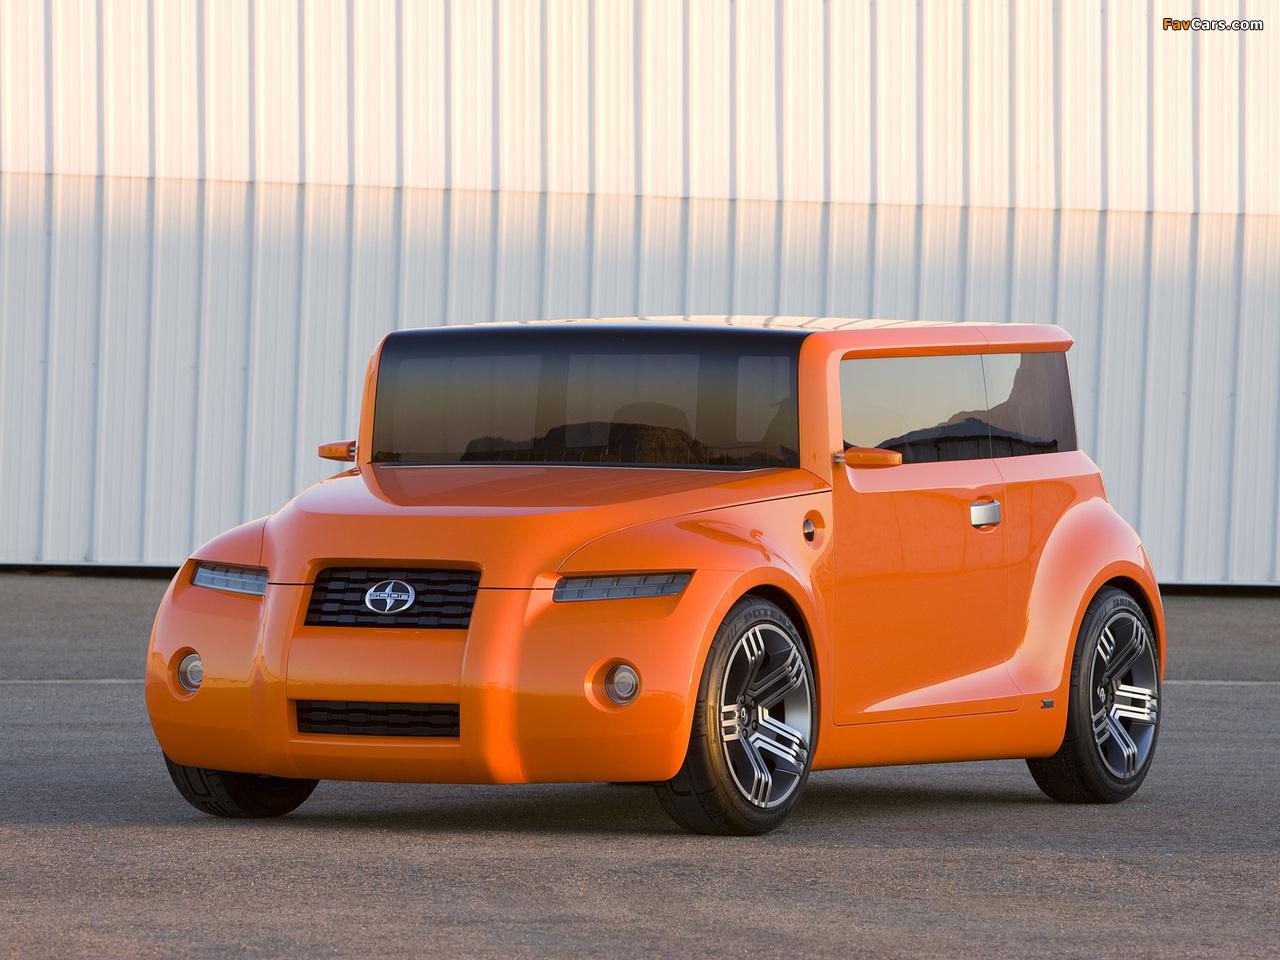 Scion Hako Coupe Concept 2008 photos (1280 x 960)